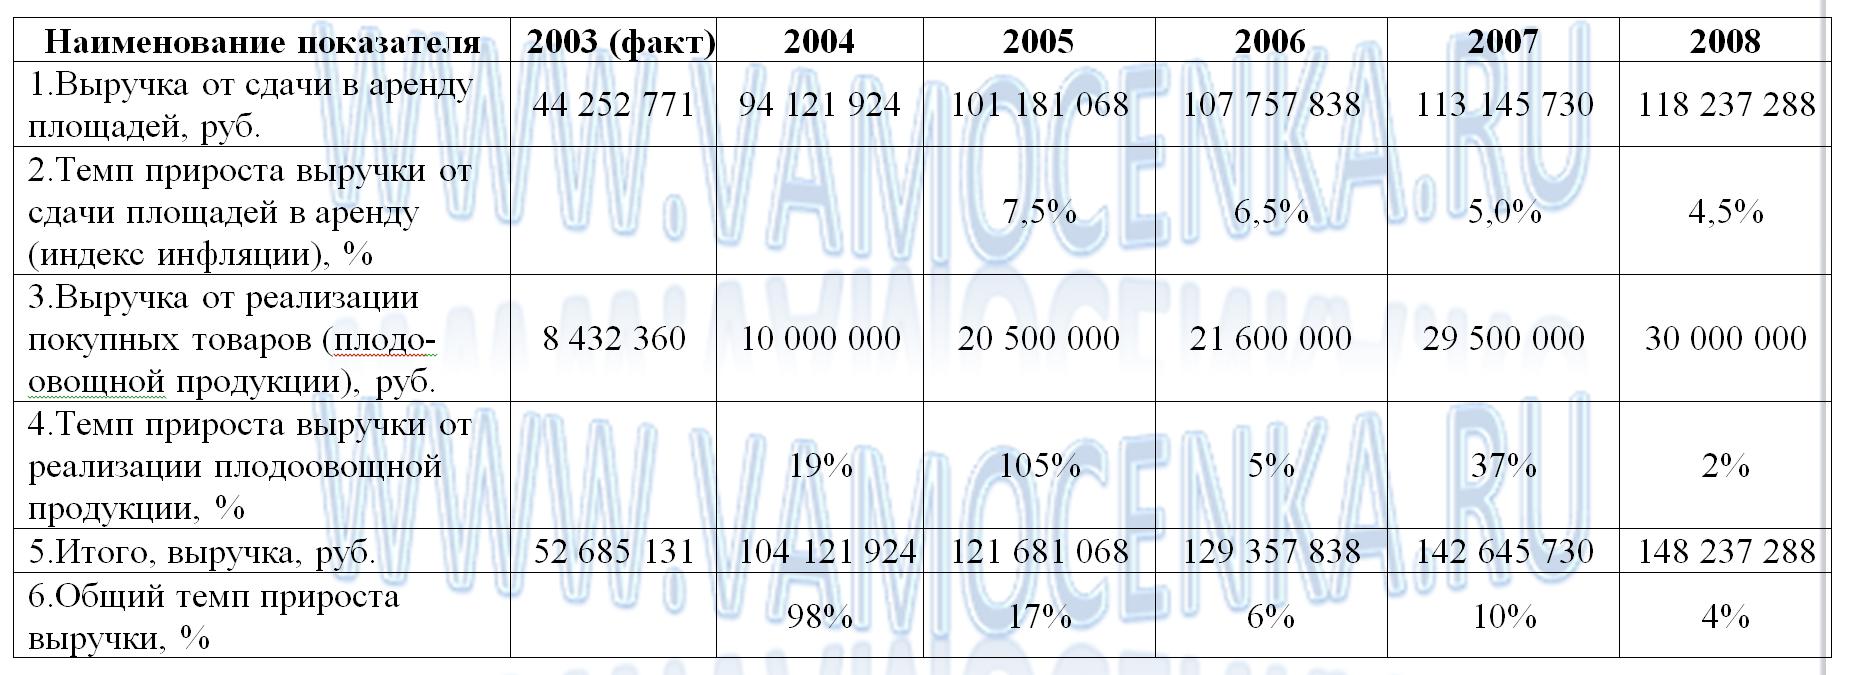 Пример прогноза выручки от продаж фирмы